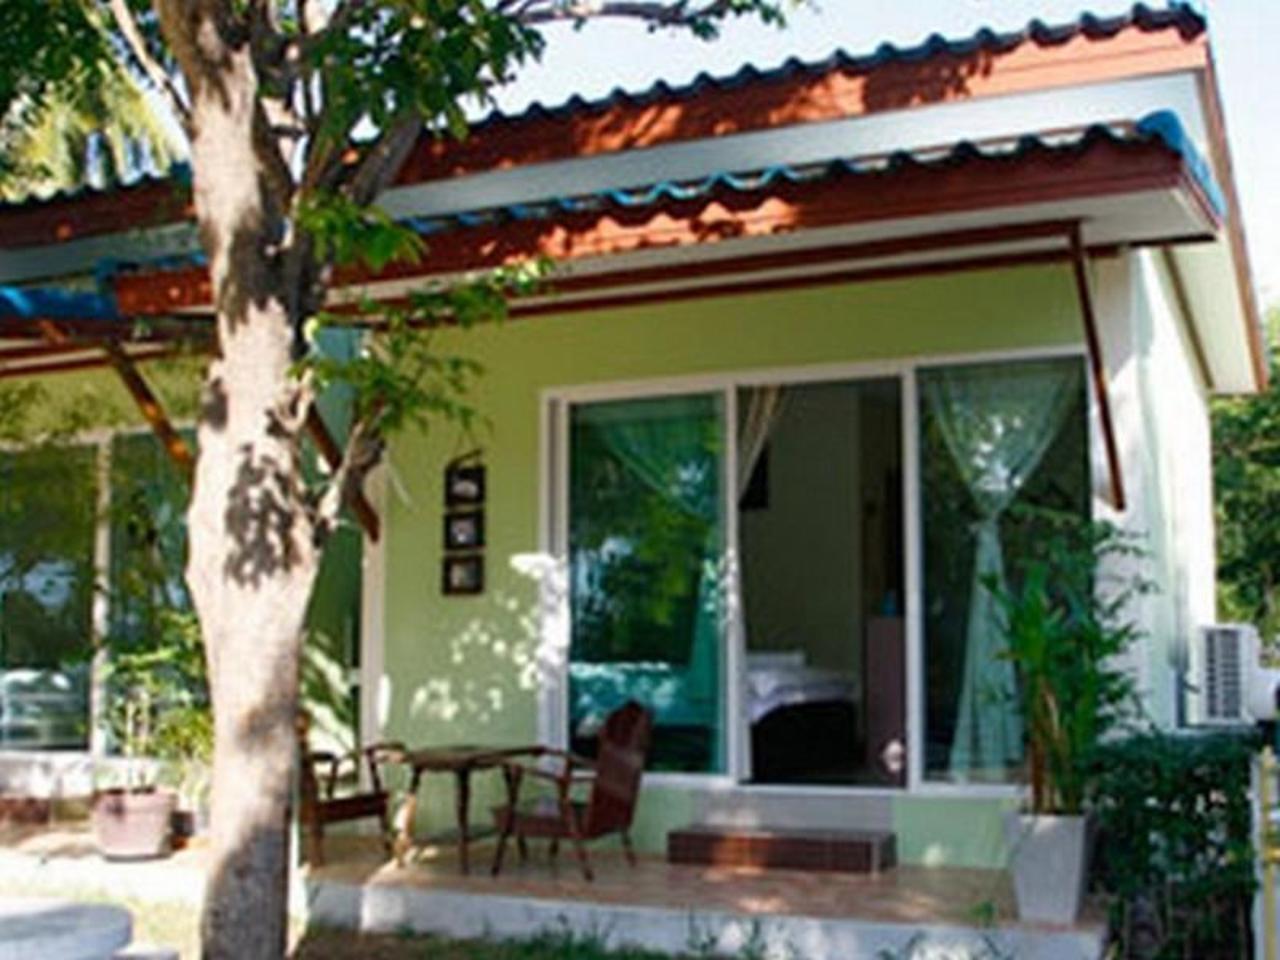 ศินารี บ้านสวน รีสอร์ท (Sinaree Bansuan Resort)